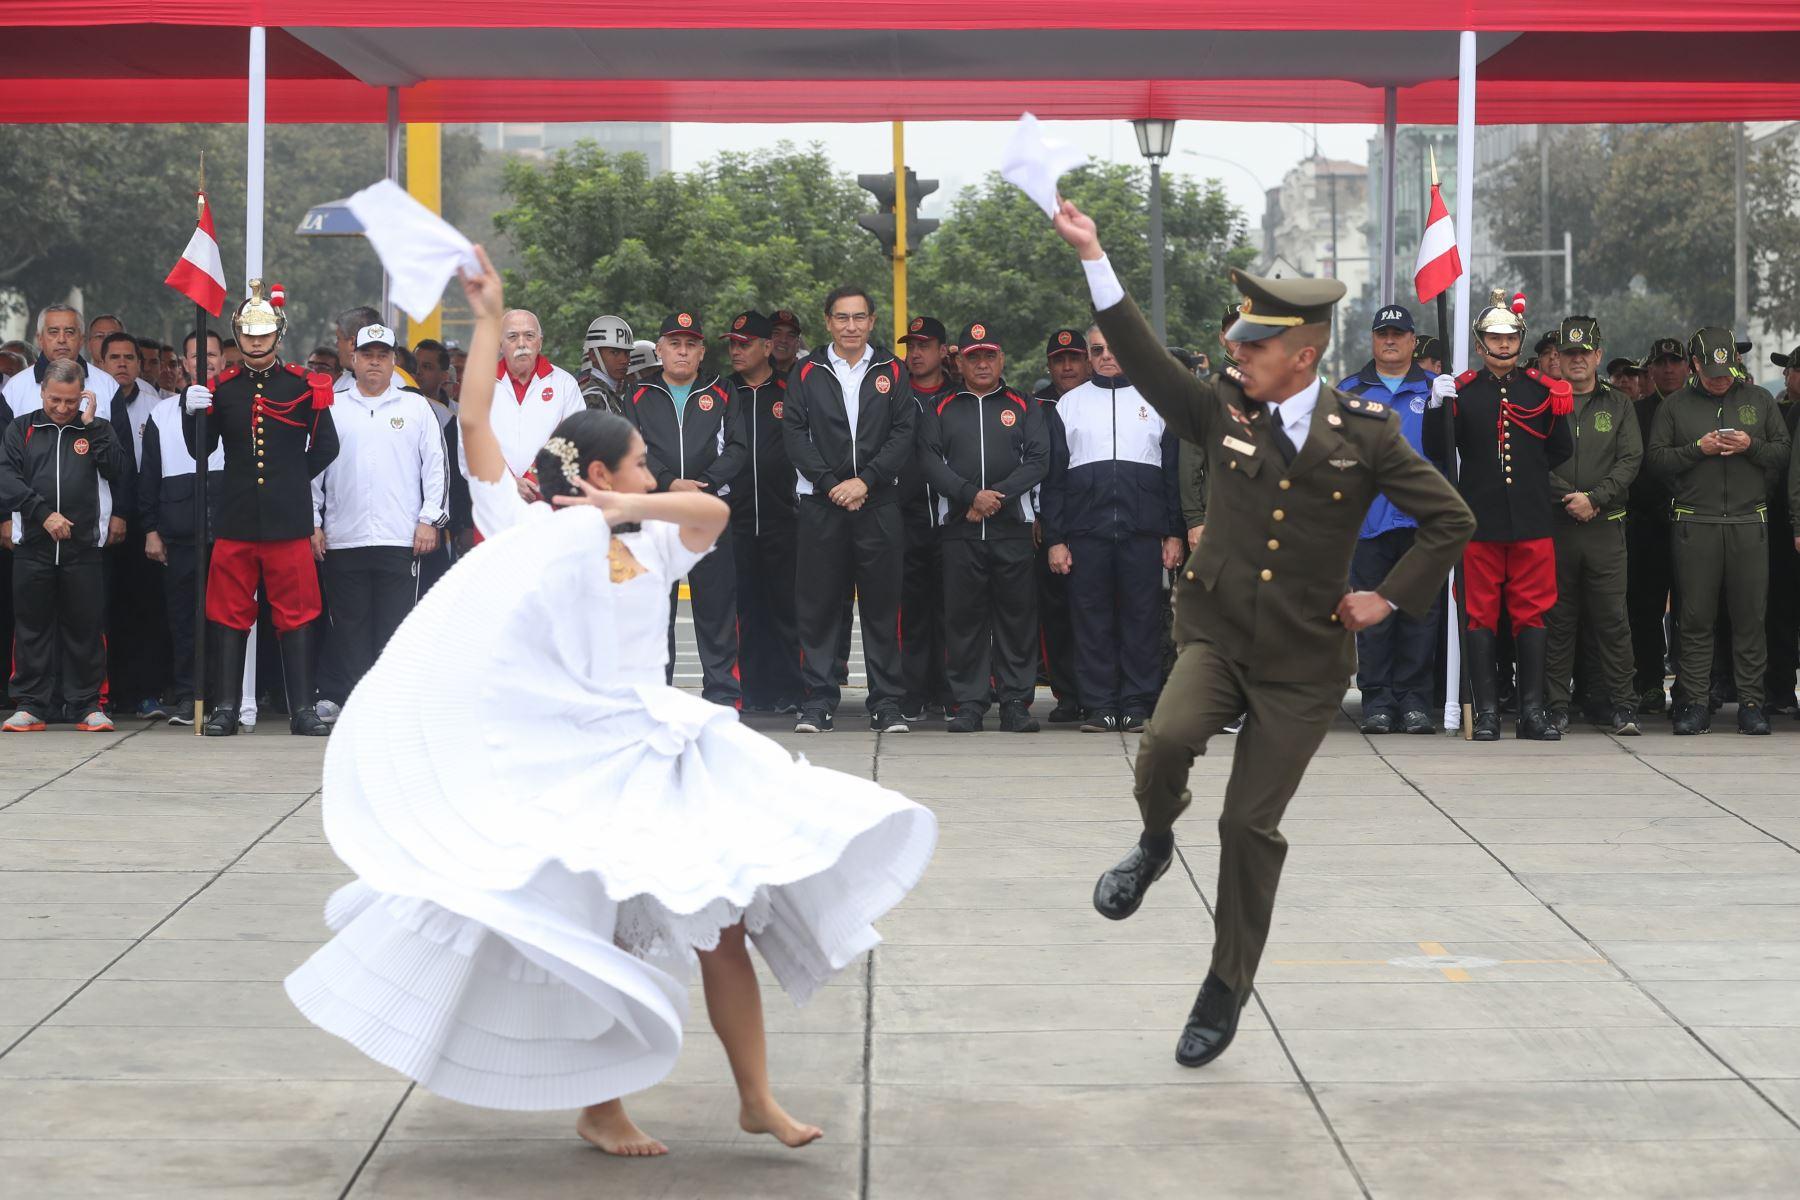 El presidente de la República, Martín Vizcarra, participa en la ceremonia de inicio de la XVII edición de la Carrera Cívico Militar 7.5K, la cual forma parte de las actividades por el Día de las Fuerzas Armadas. Foto: ANDINA/Mindef